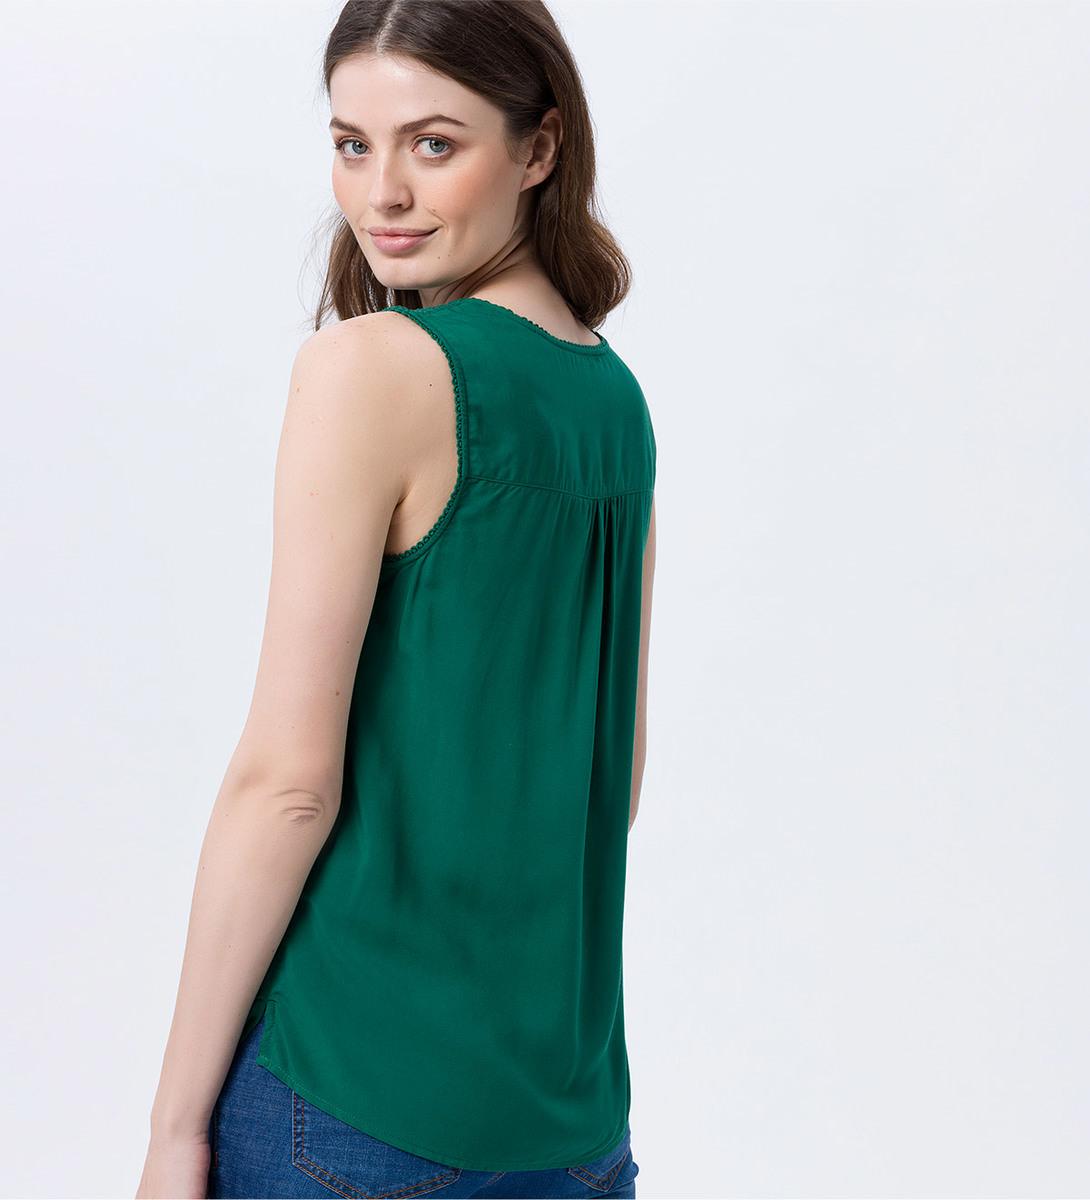 Bluse mit Spitzendesign in smaragd